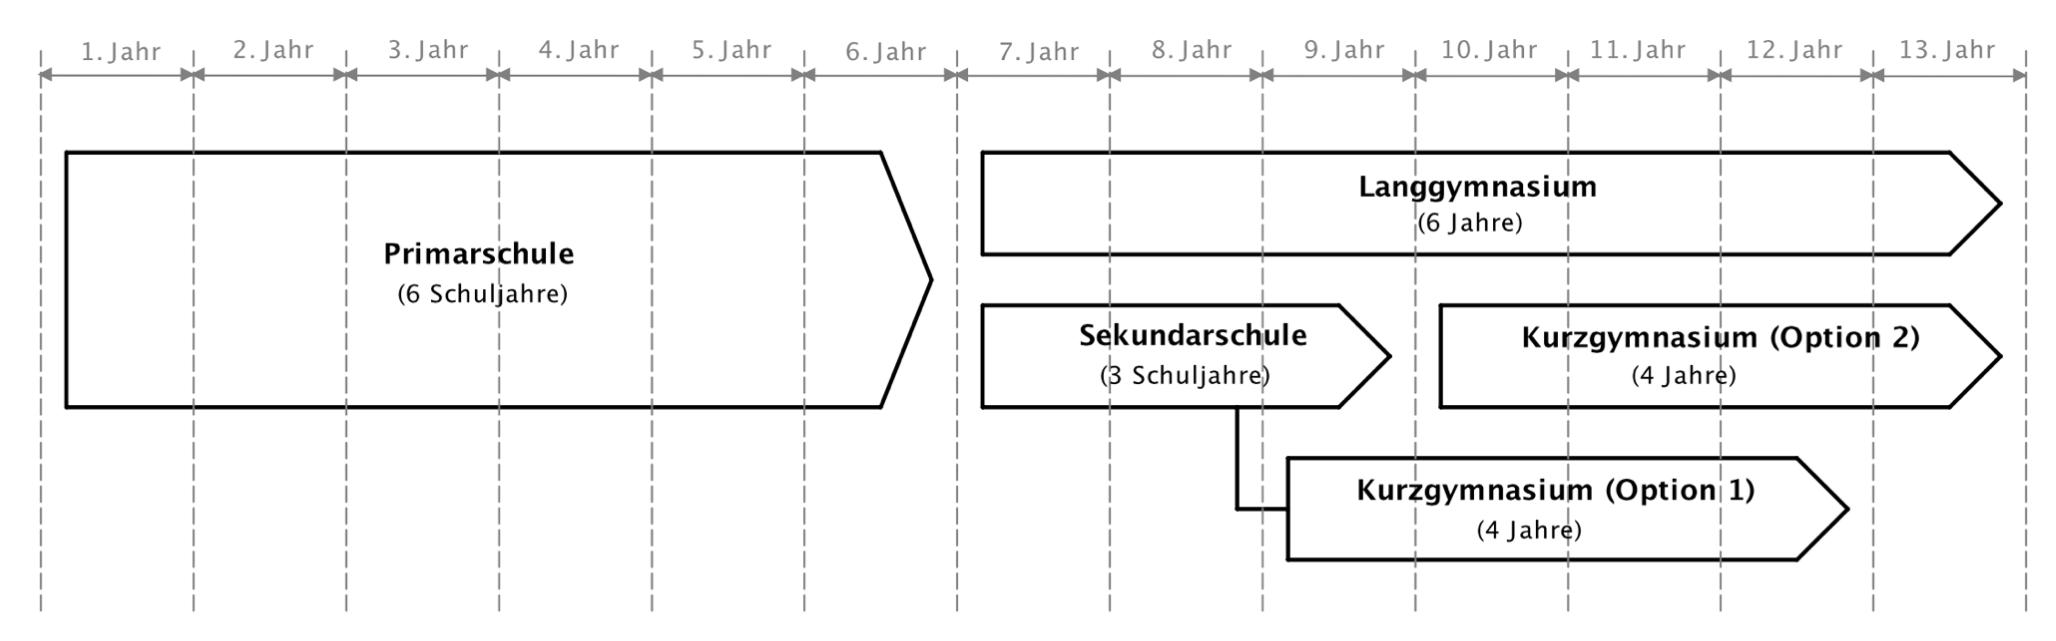 Schulsystem Kurzgymnasium und Langgymnasium